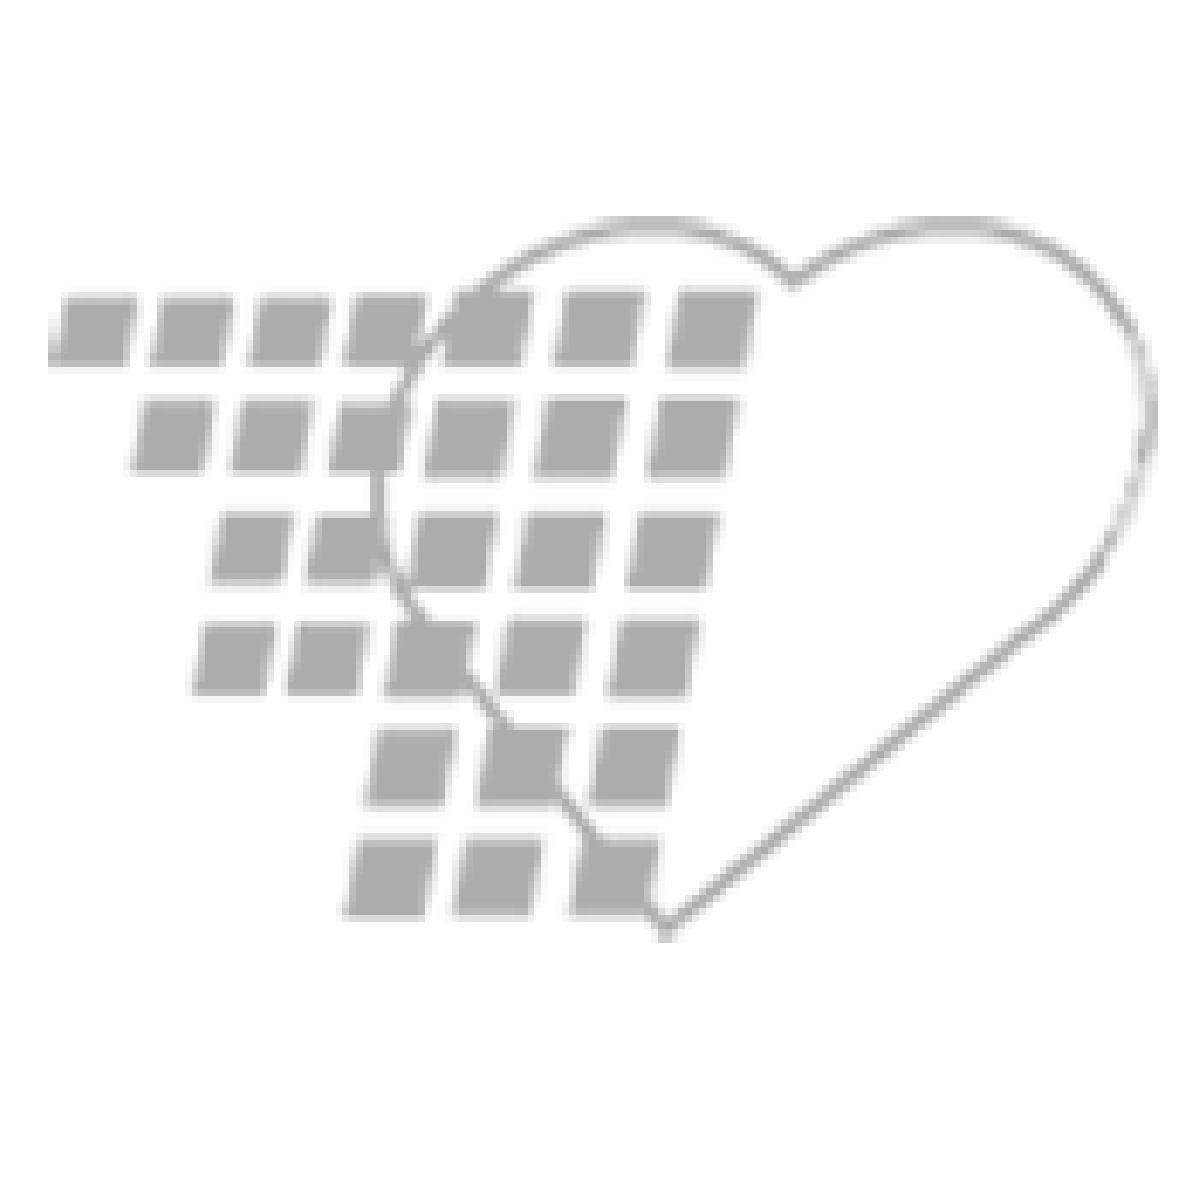 04-76-500 - Pocket Nurse® Hydraulic Multi-Treatment Stretcher